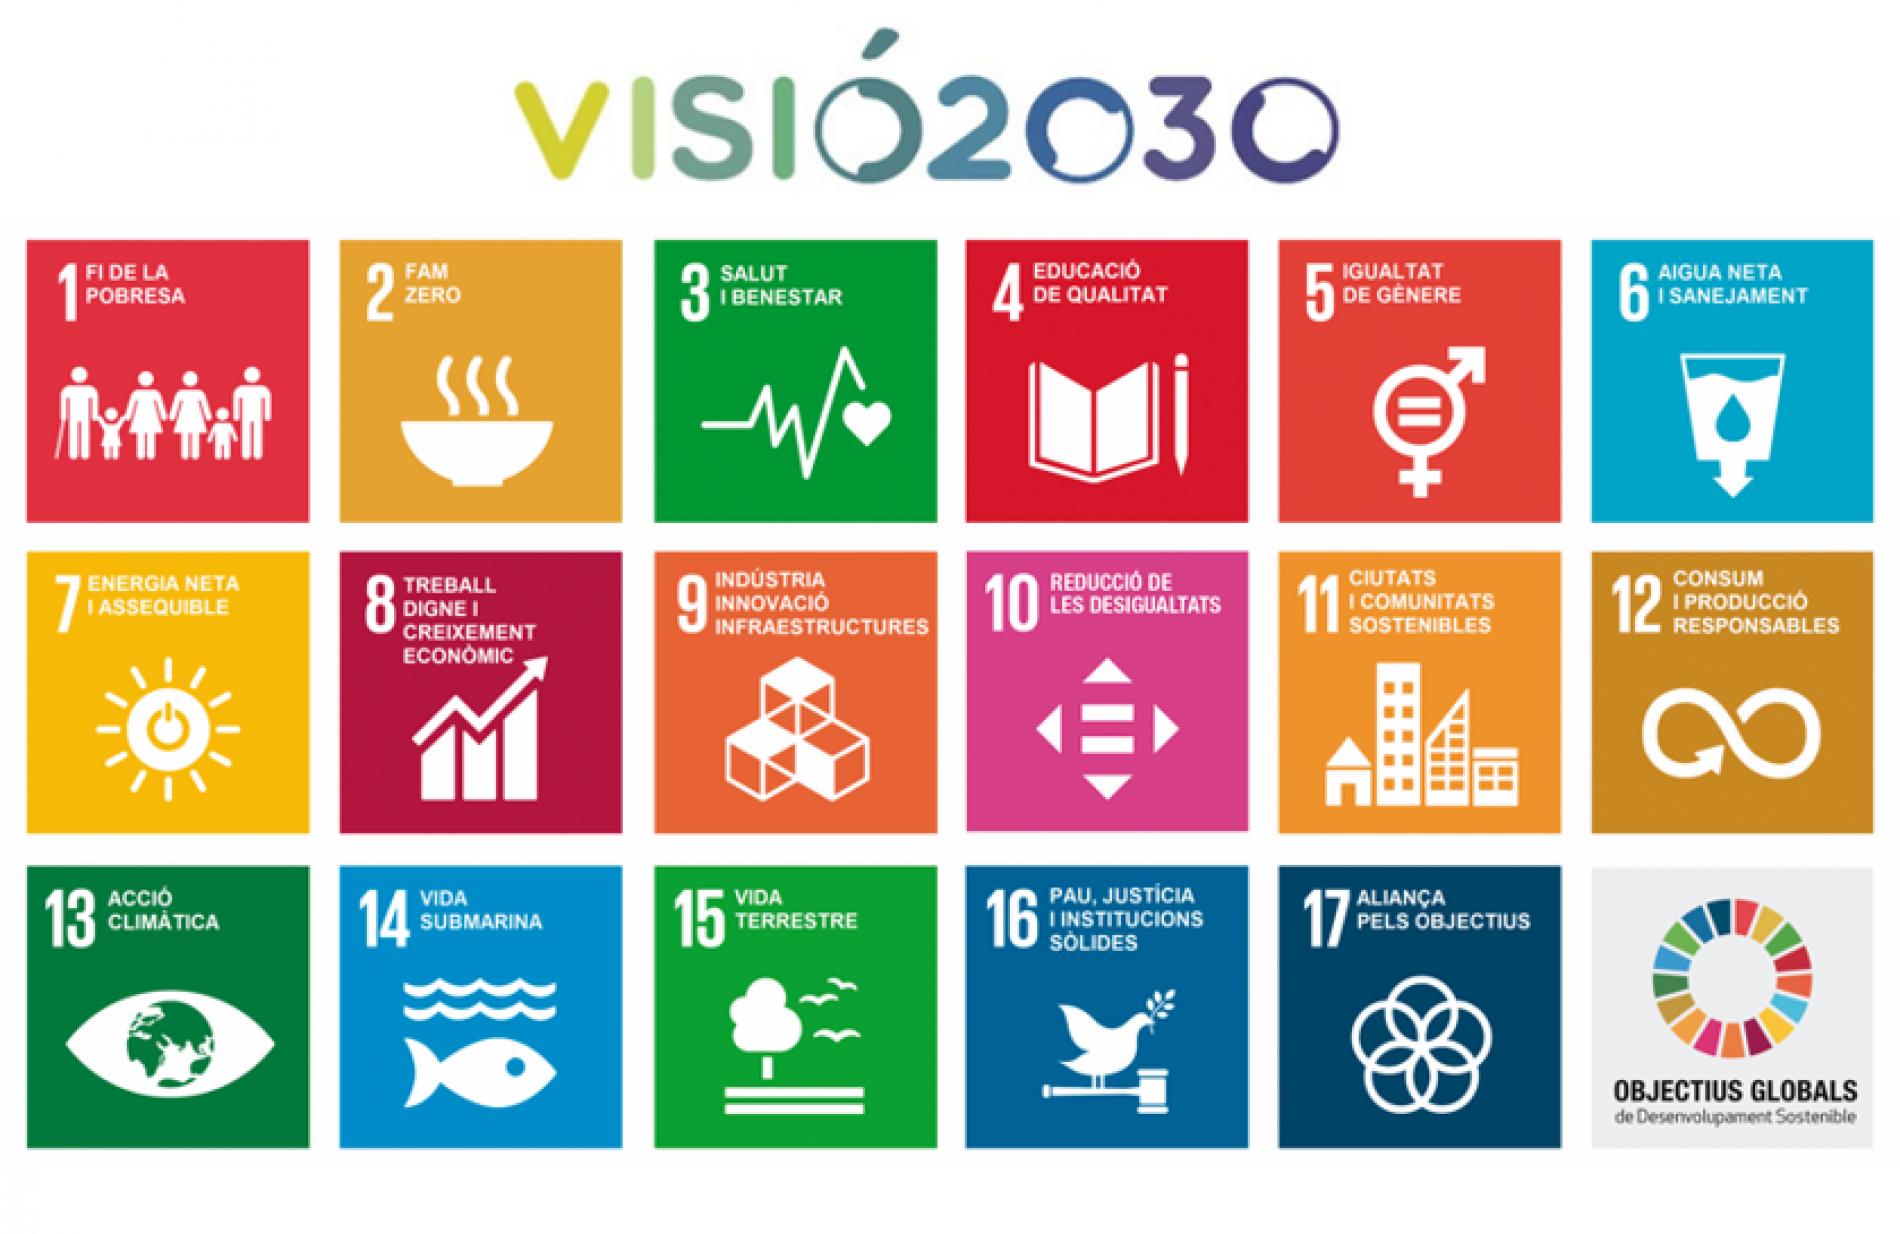 [Jornada] Empresa i cooperació al desenvolupament: el paper de les empreses en la Visió 2030